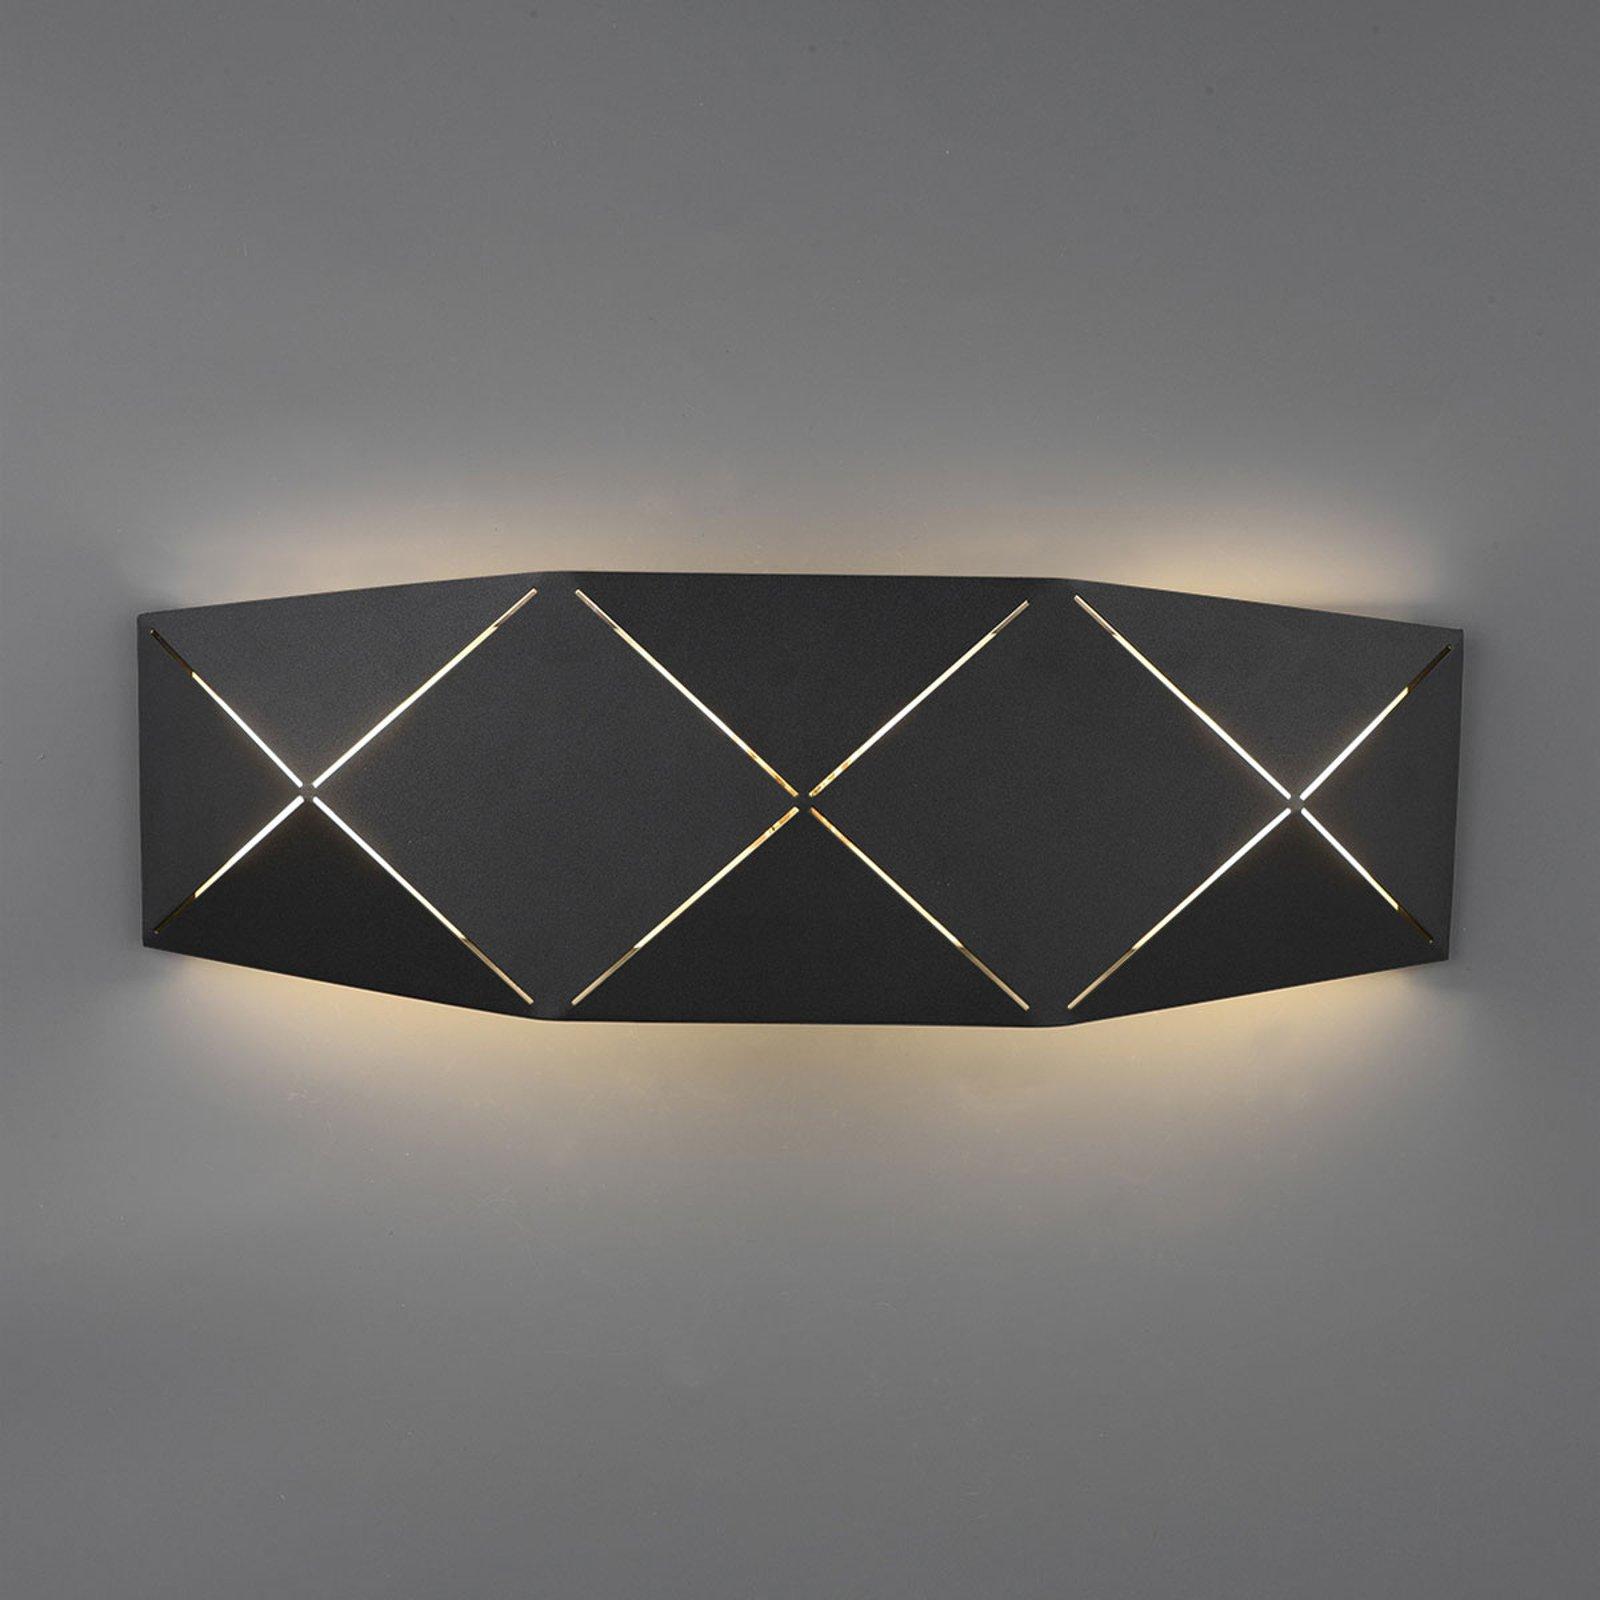 LED-vegglampe Zandor i svart, bredde 40 cm